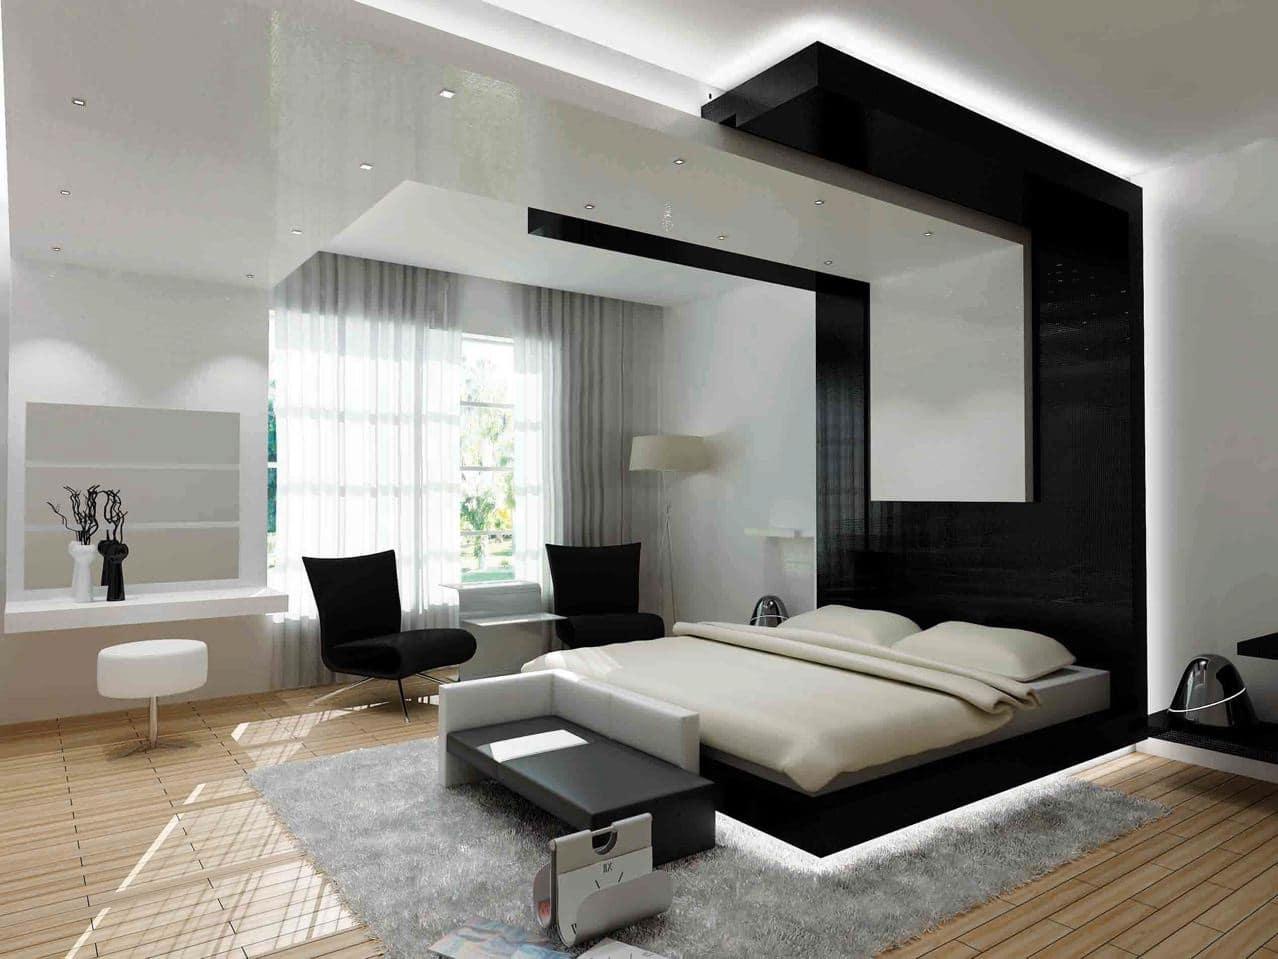 60 Dormitorios De Matrimonio Modernos Que Te Encantar N Estreno Casa # Muebles Vanguardistas